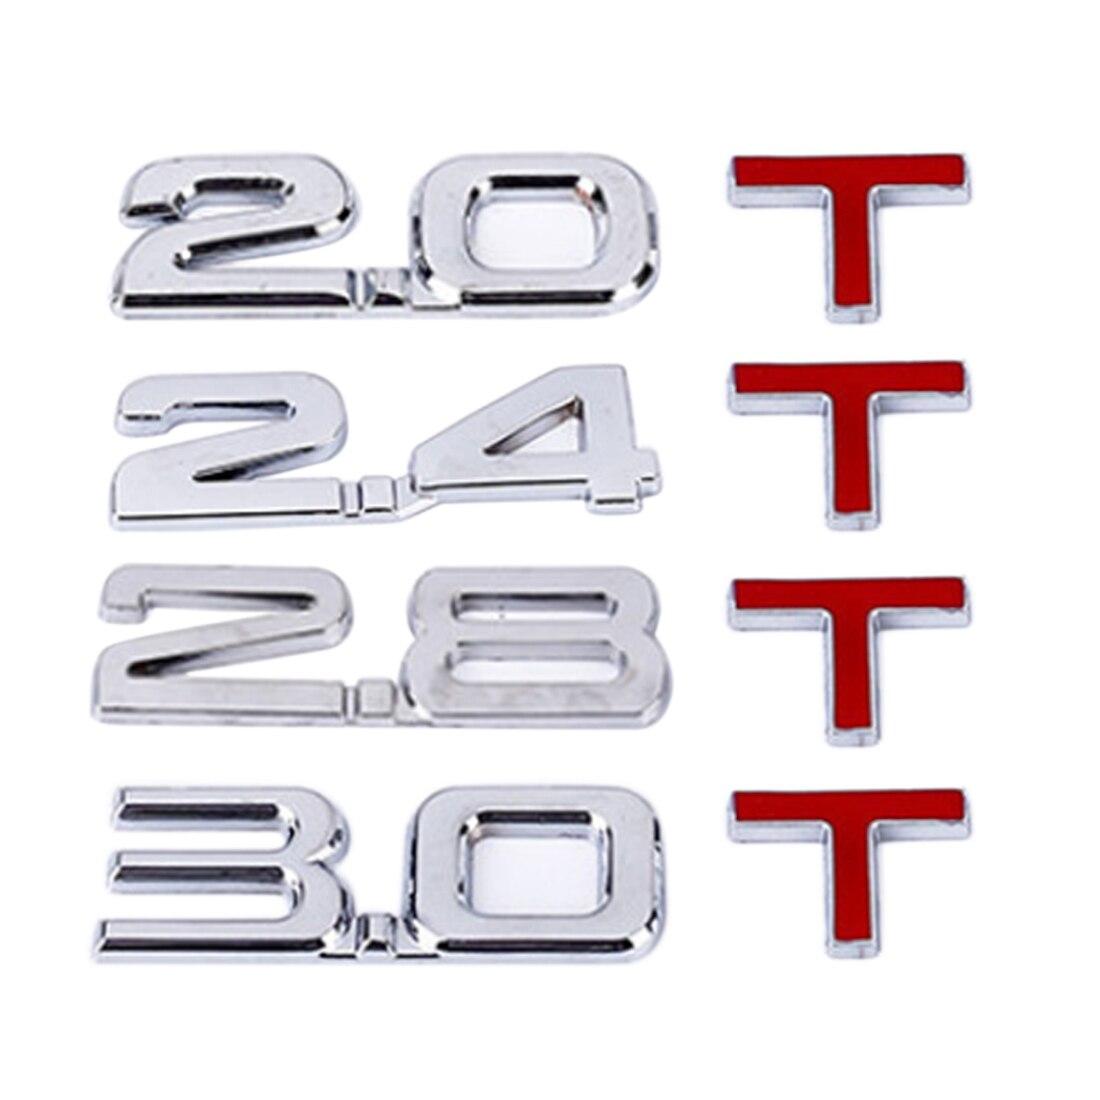 Dewtreetali автомобильные 3D металлические 2,0 3,0 2,0 T 3,0 T логотип наклейка эмблема значок наклейки для Mazda Киа Renault TOYOTA BMW Ford Стайлинг автомобиля